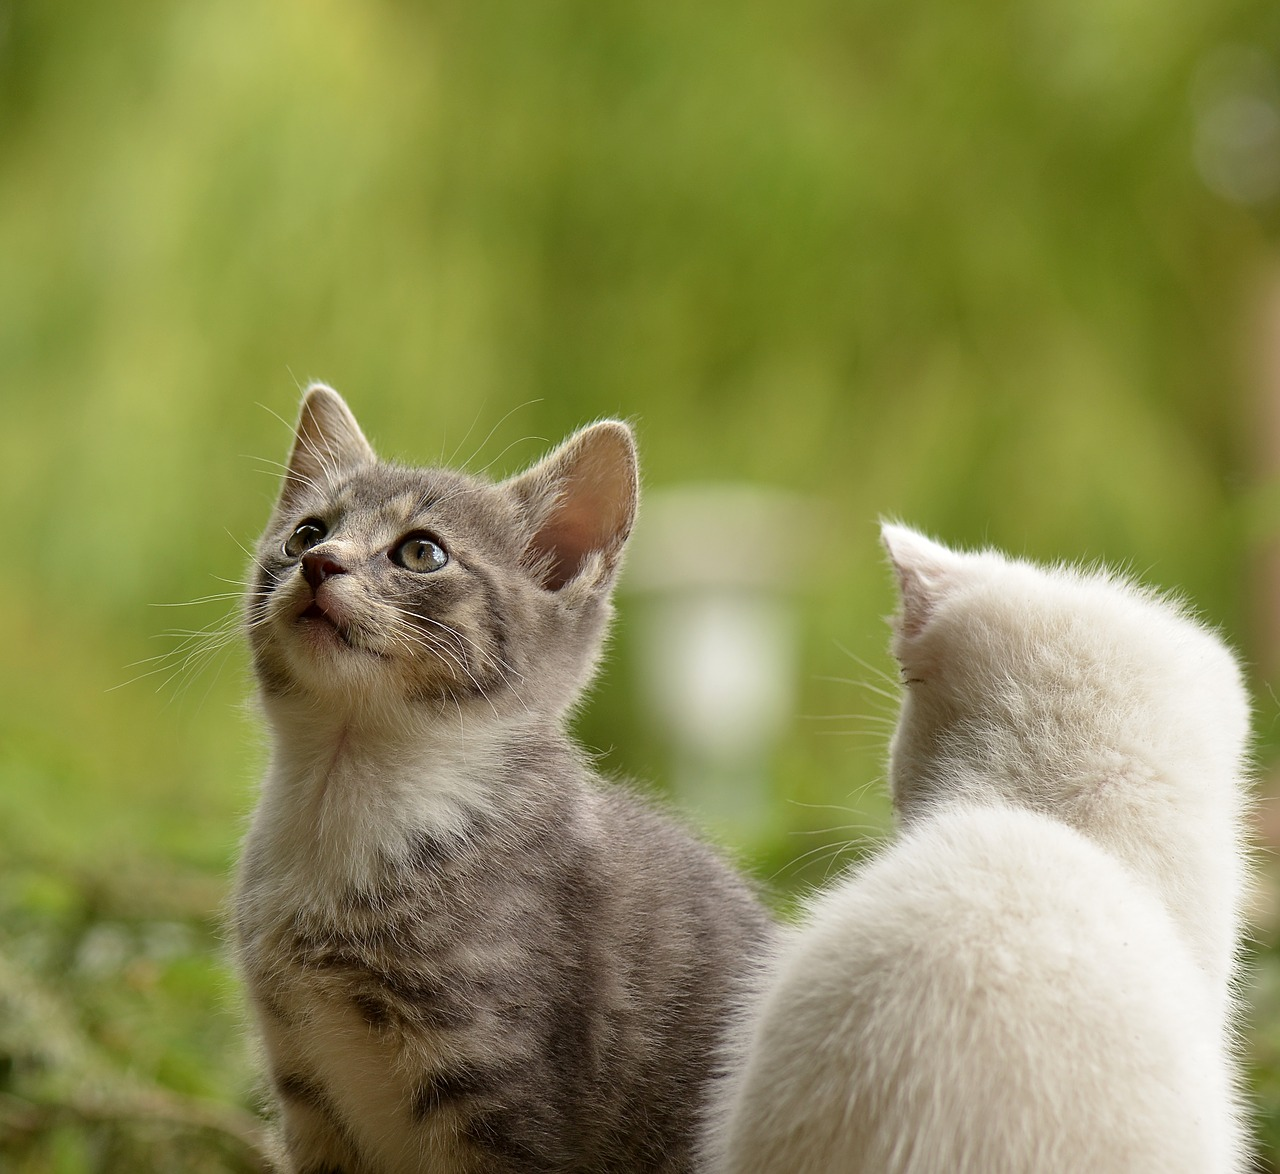 Ha råd med katt oavsett vad du tjänar